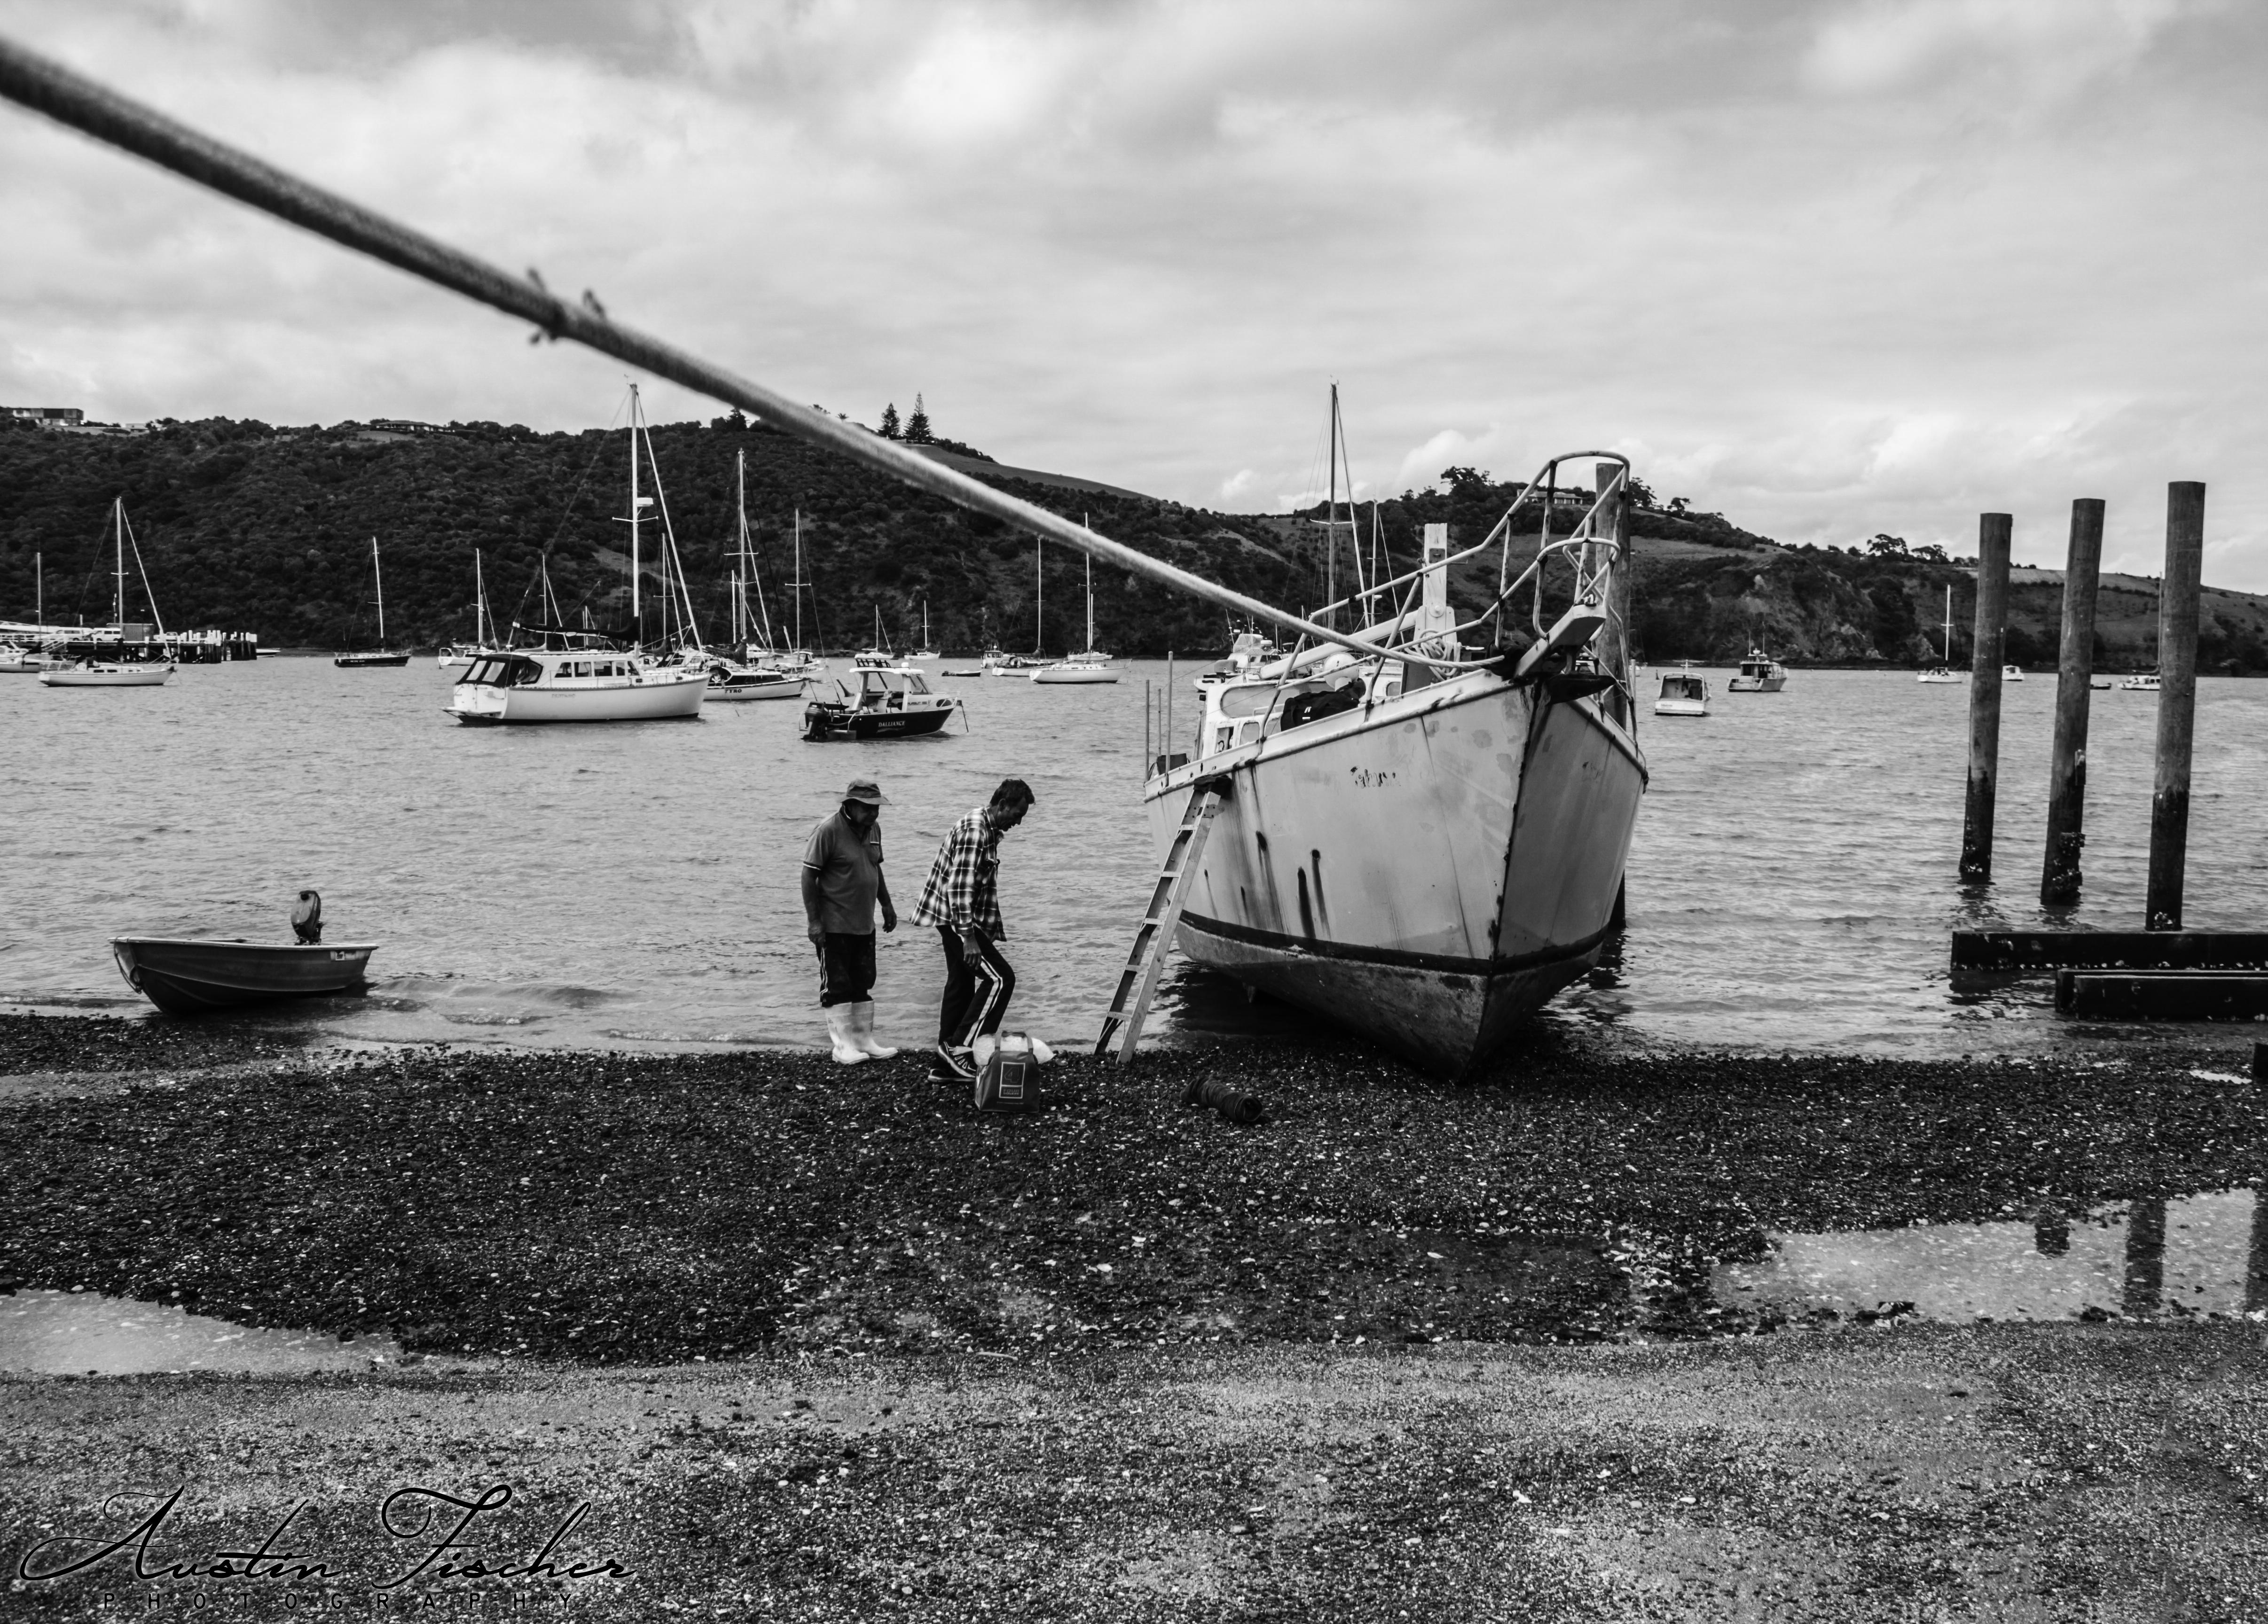 Waiheke Boat